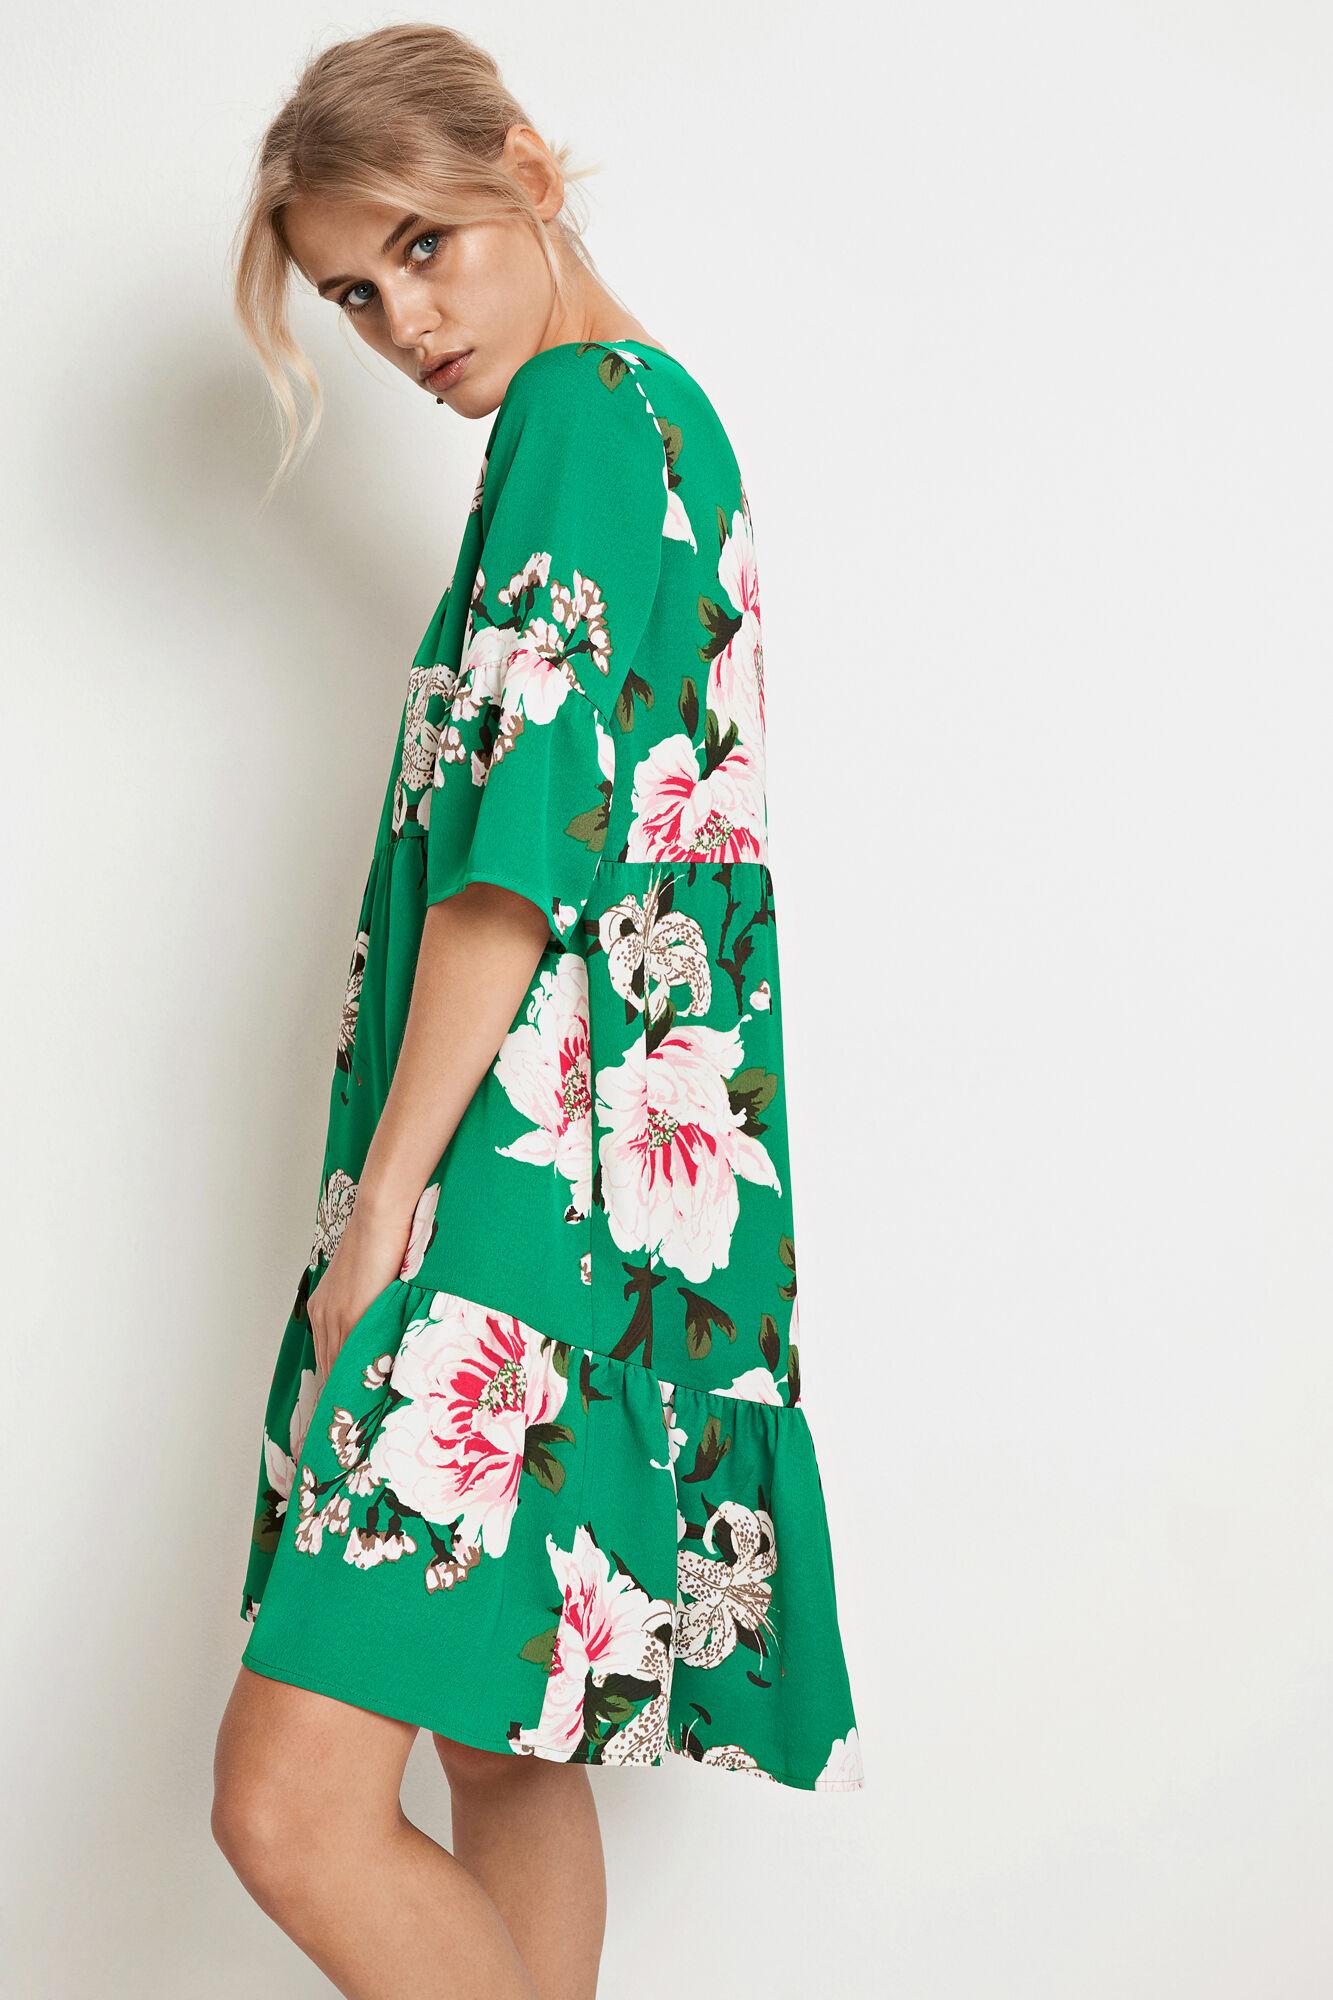 ENMOANA 3/4 DRESS AOP 6468